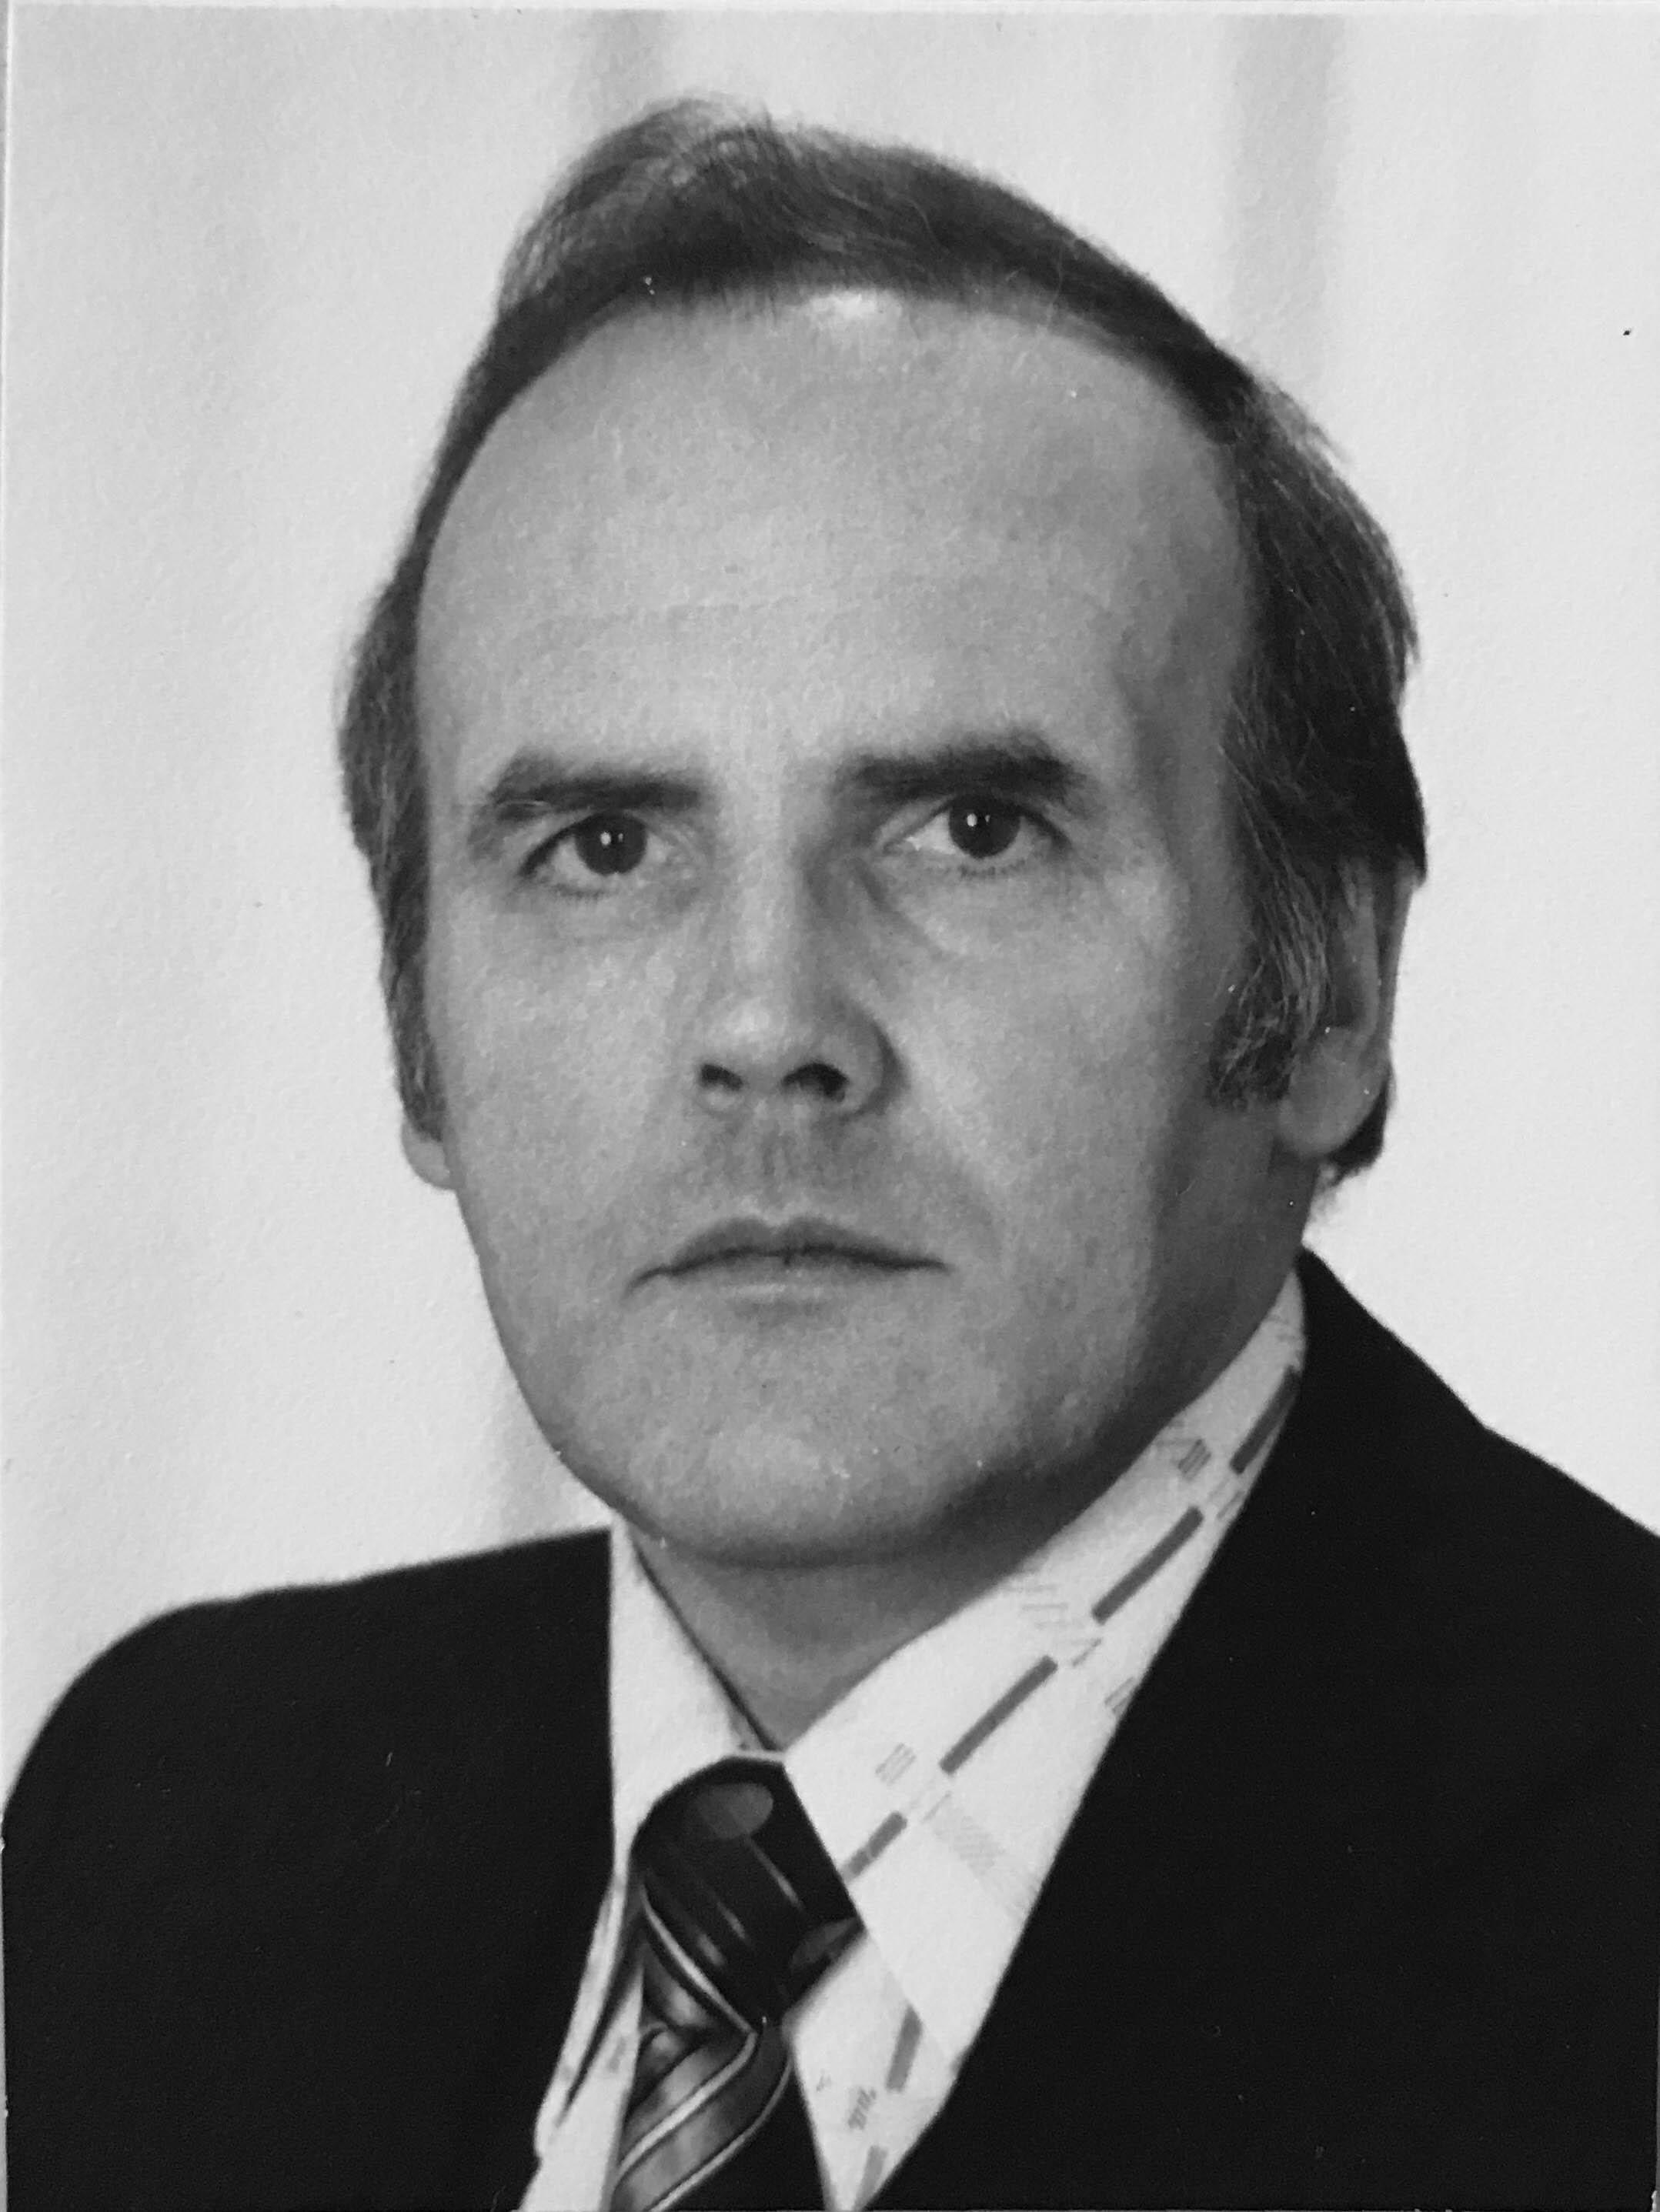 Ólafur Pálsson